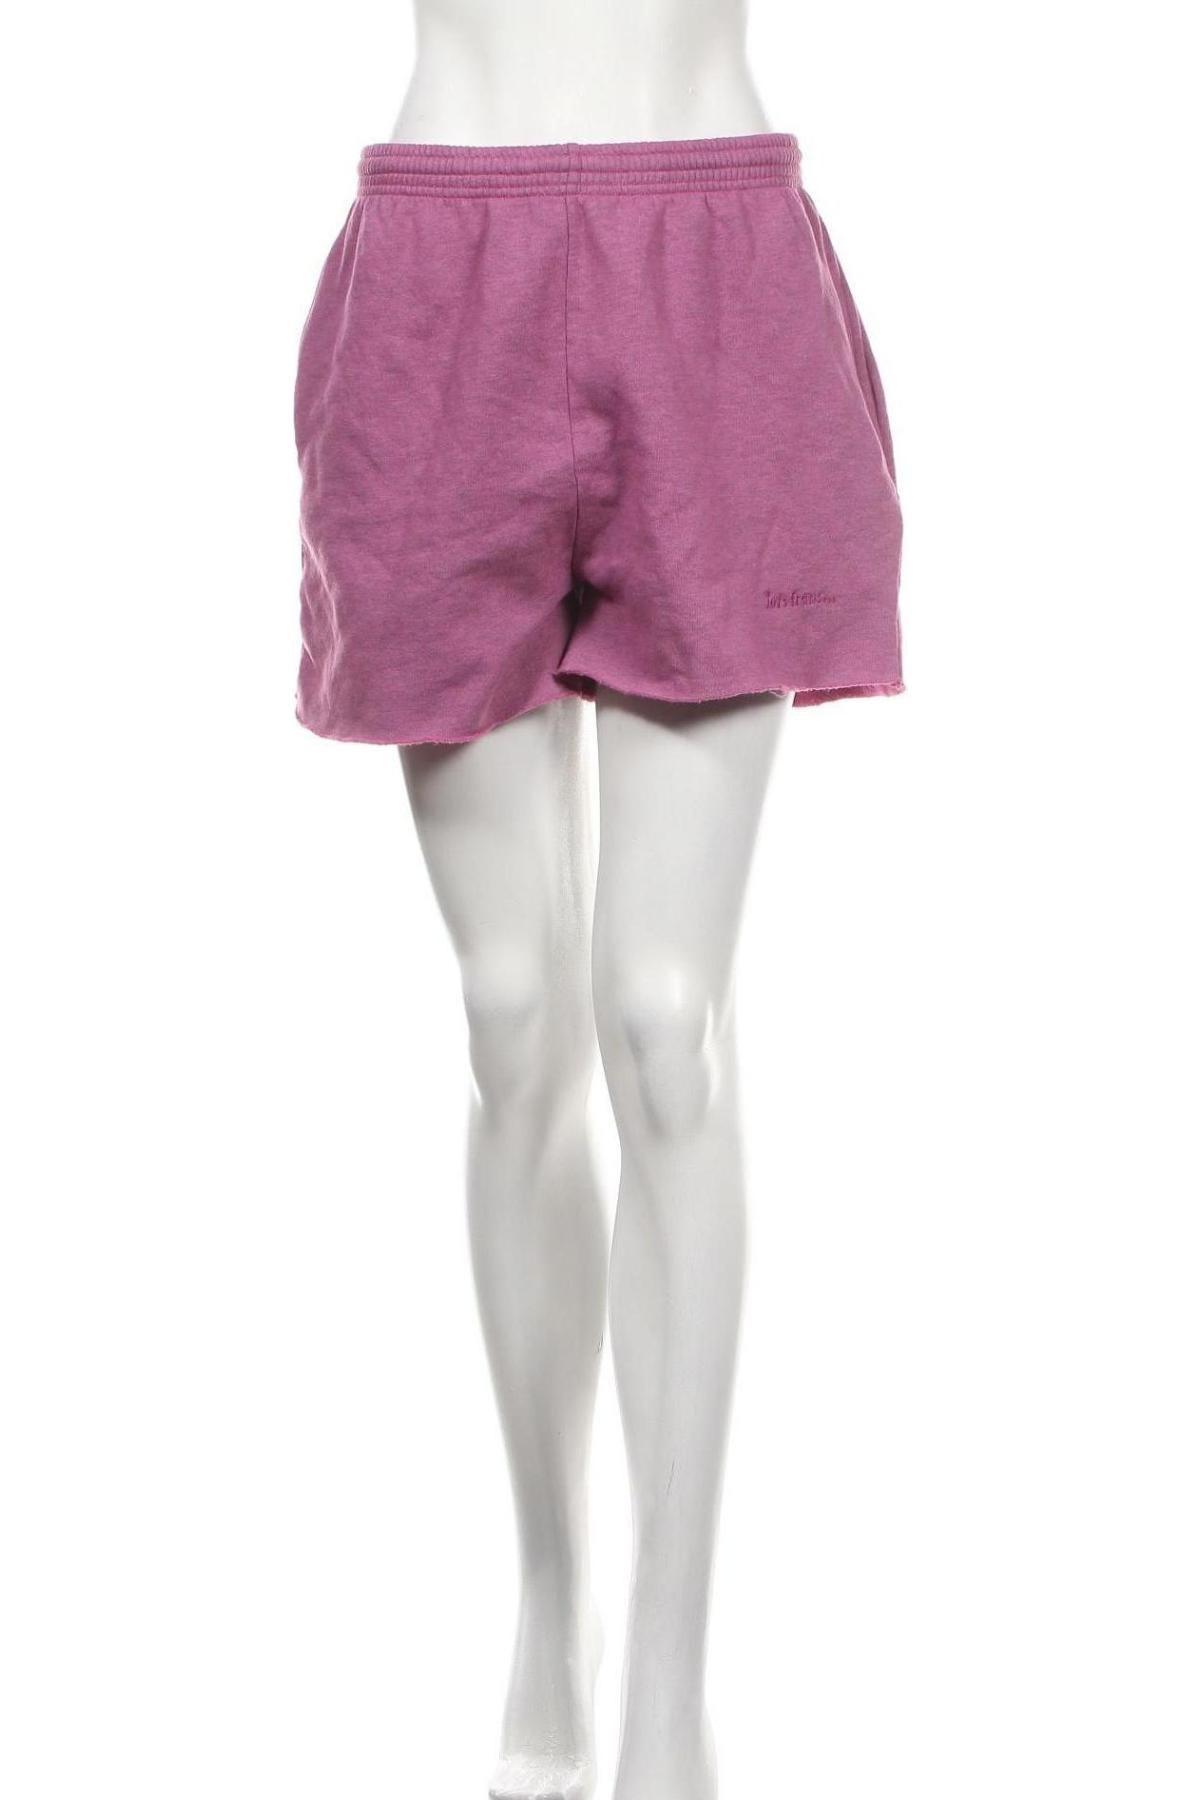 Дамски къс панталон Urban Outfitters, Размер L, Цвят Лилав, 80% памук, 20% полиестер, Цена 16,57лв.